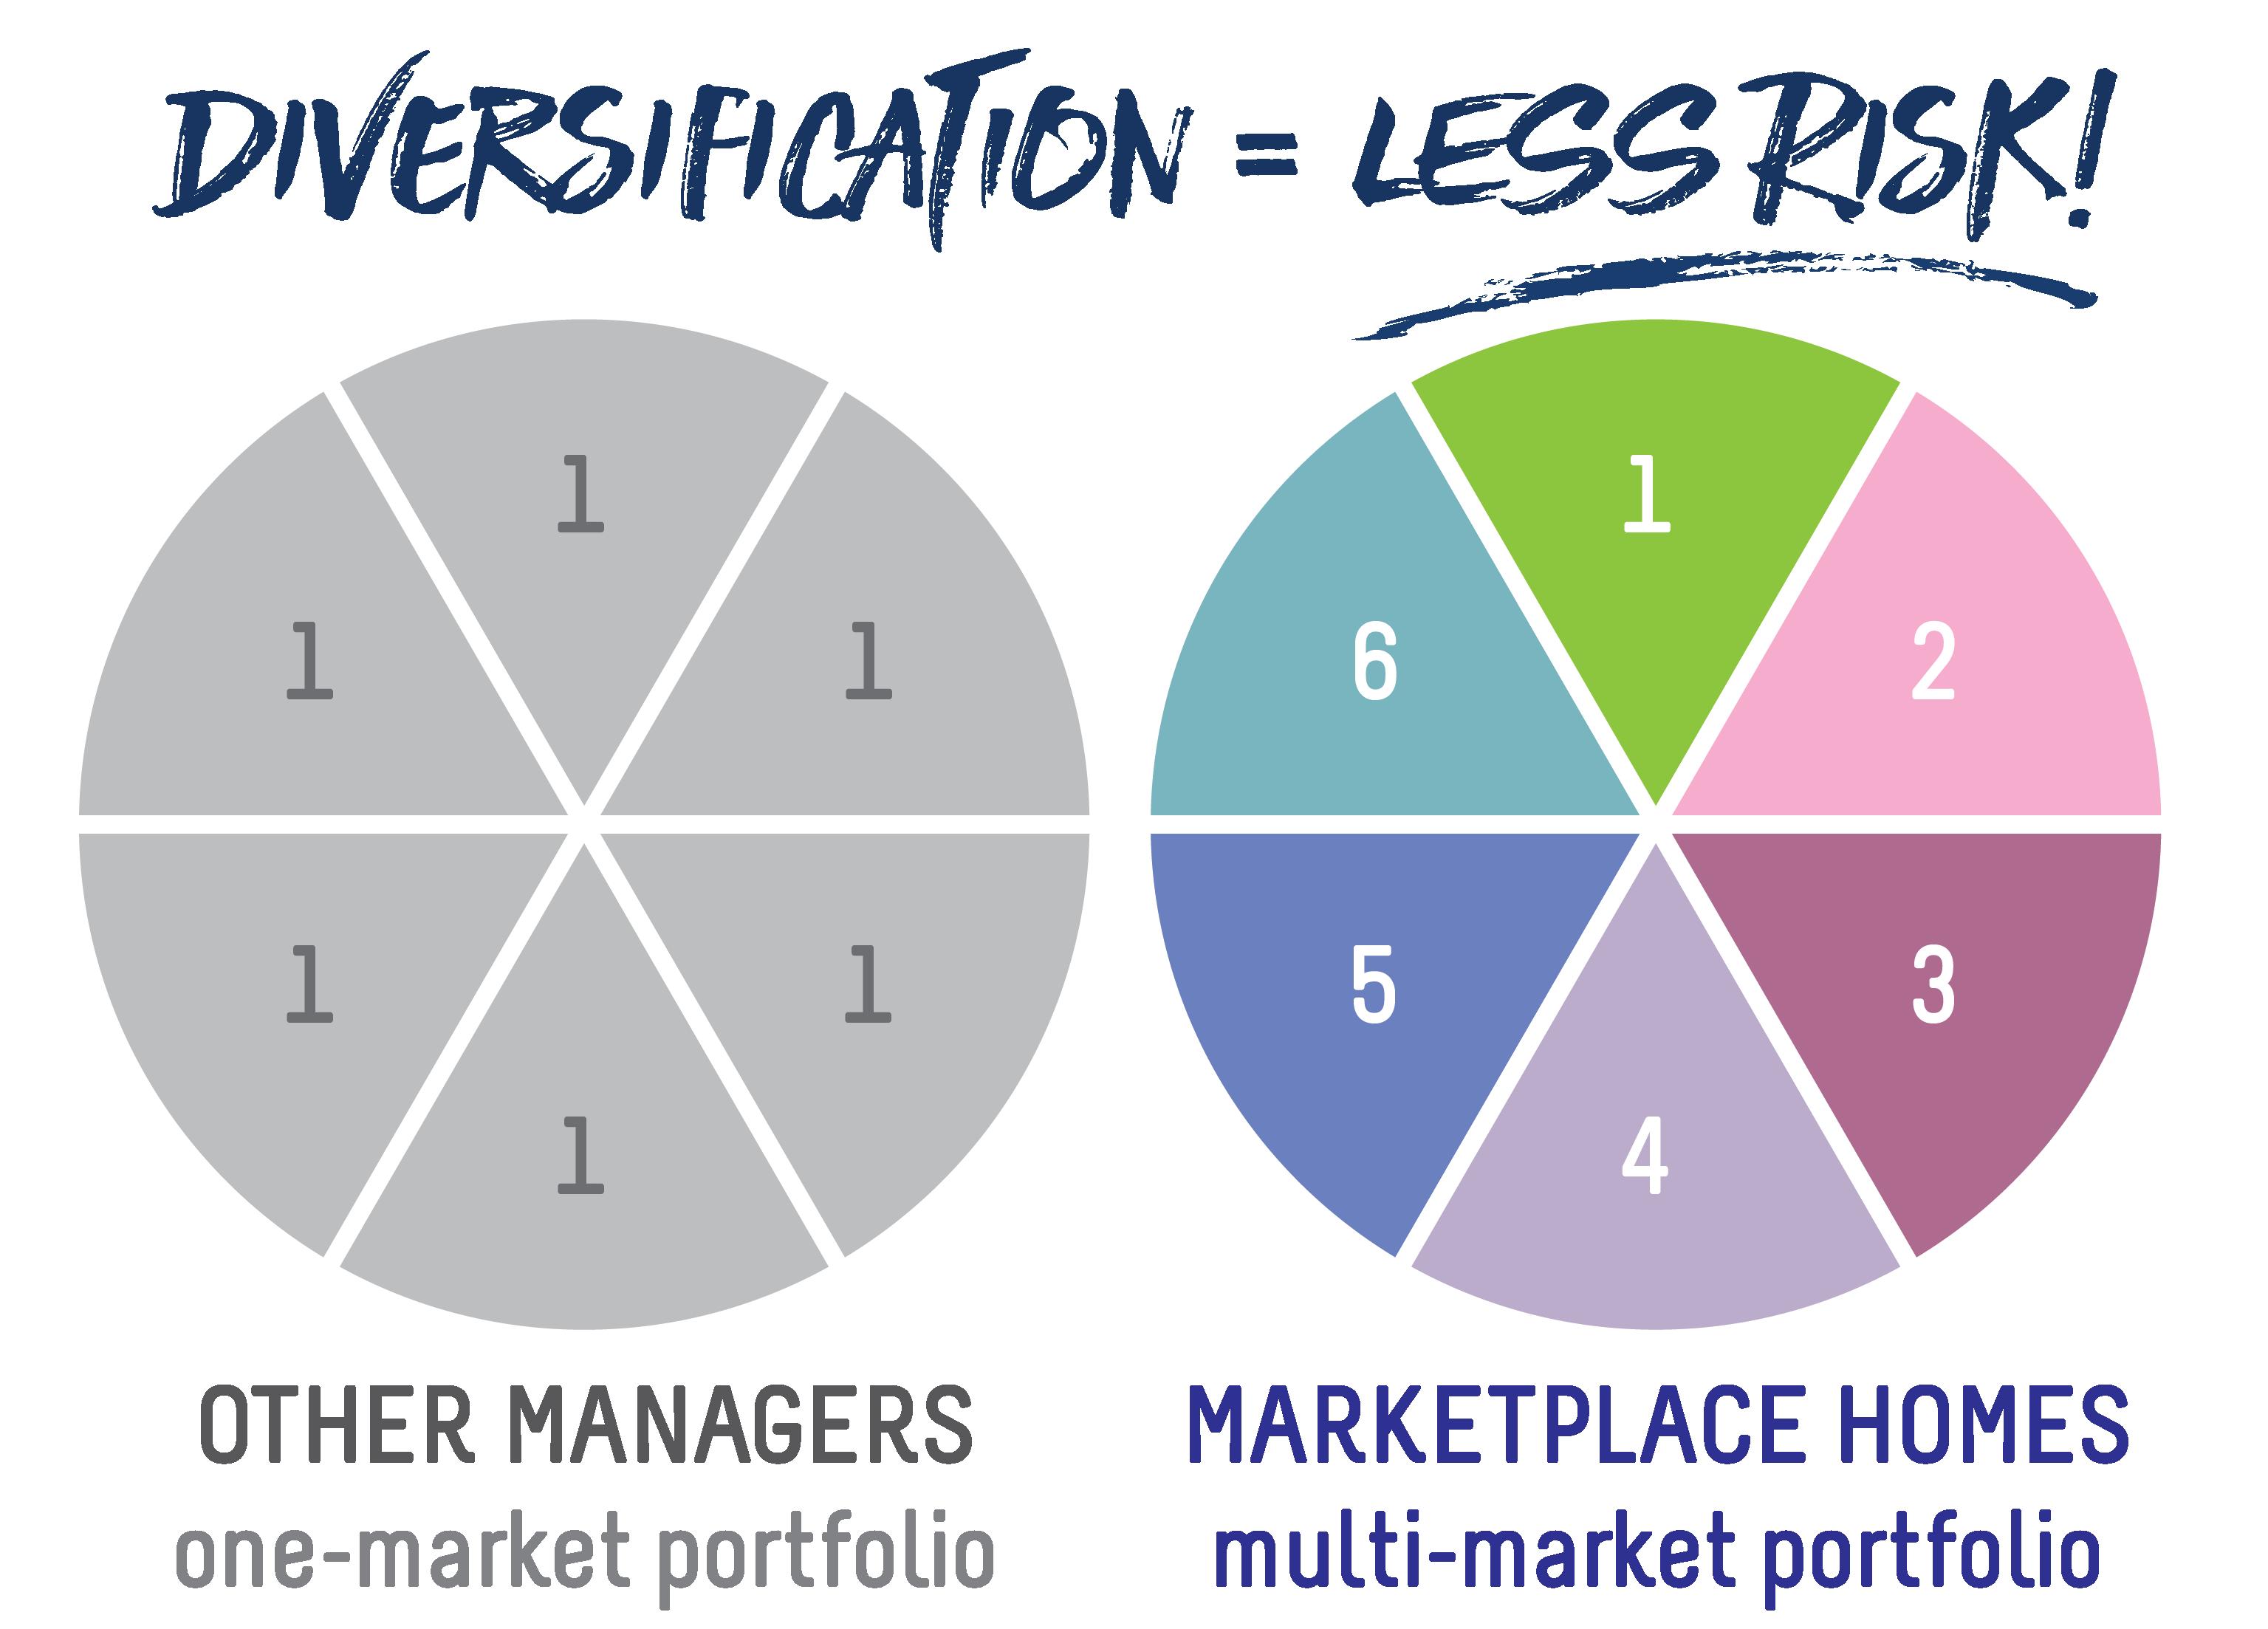 DiversificationLesRisk_Diversification